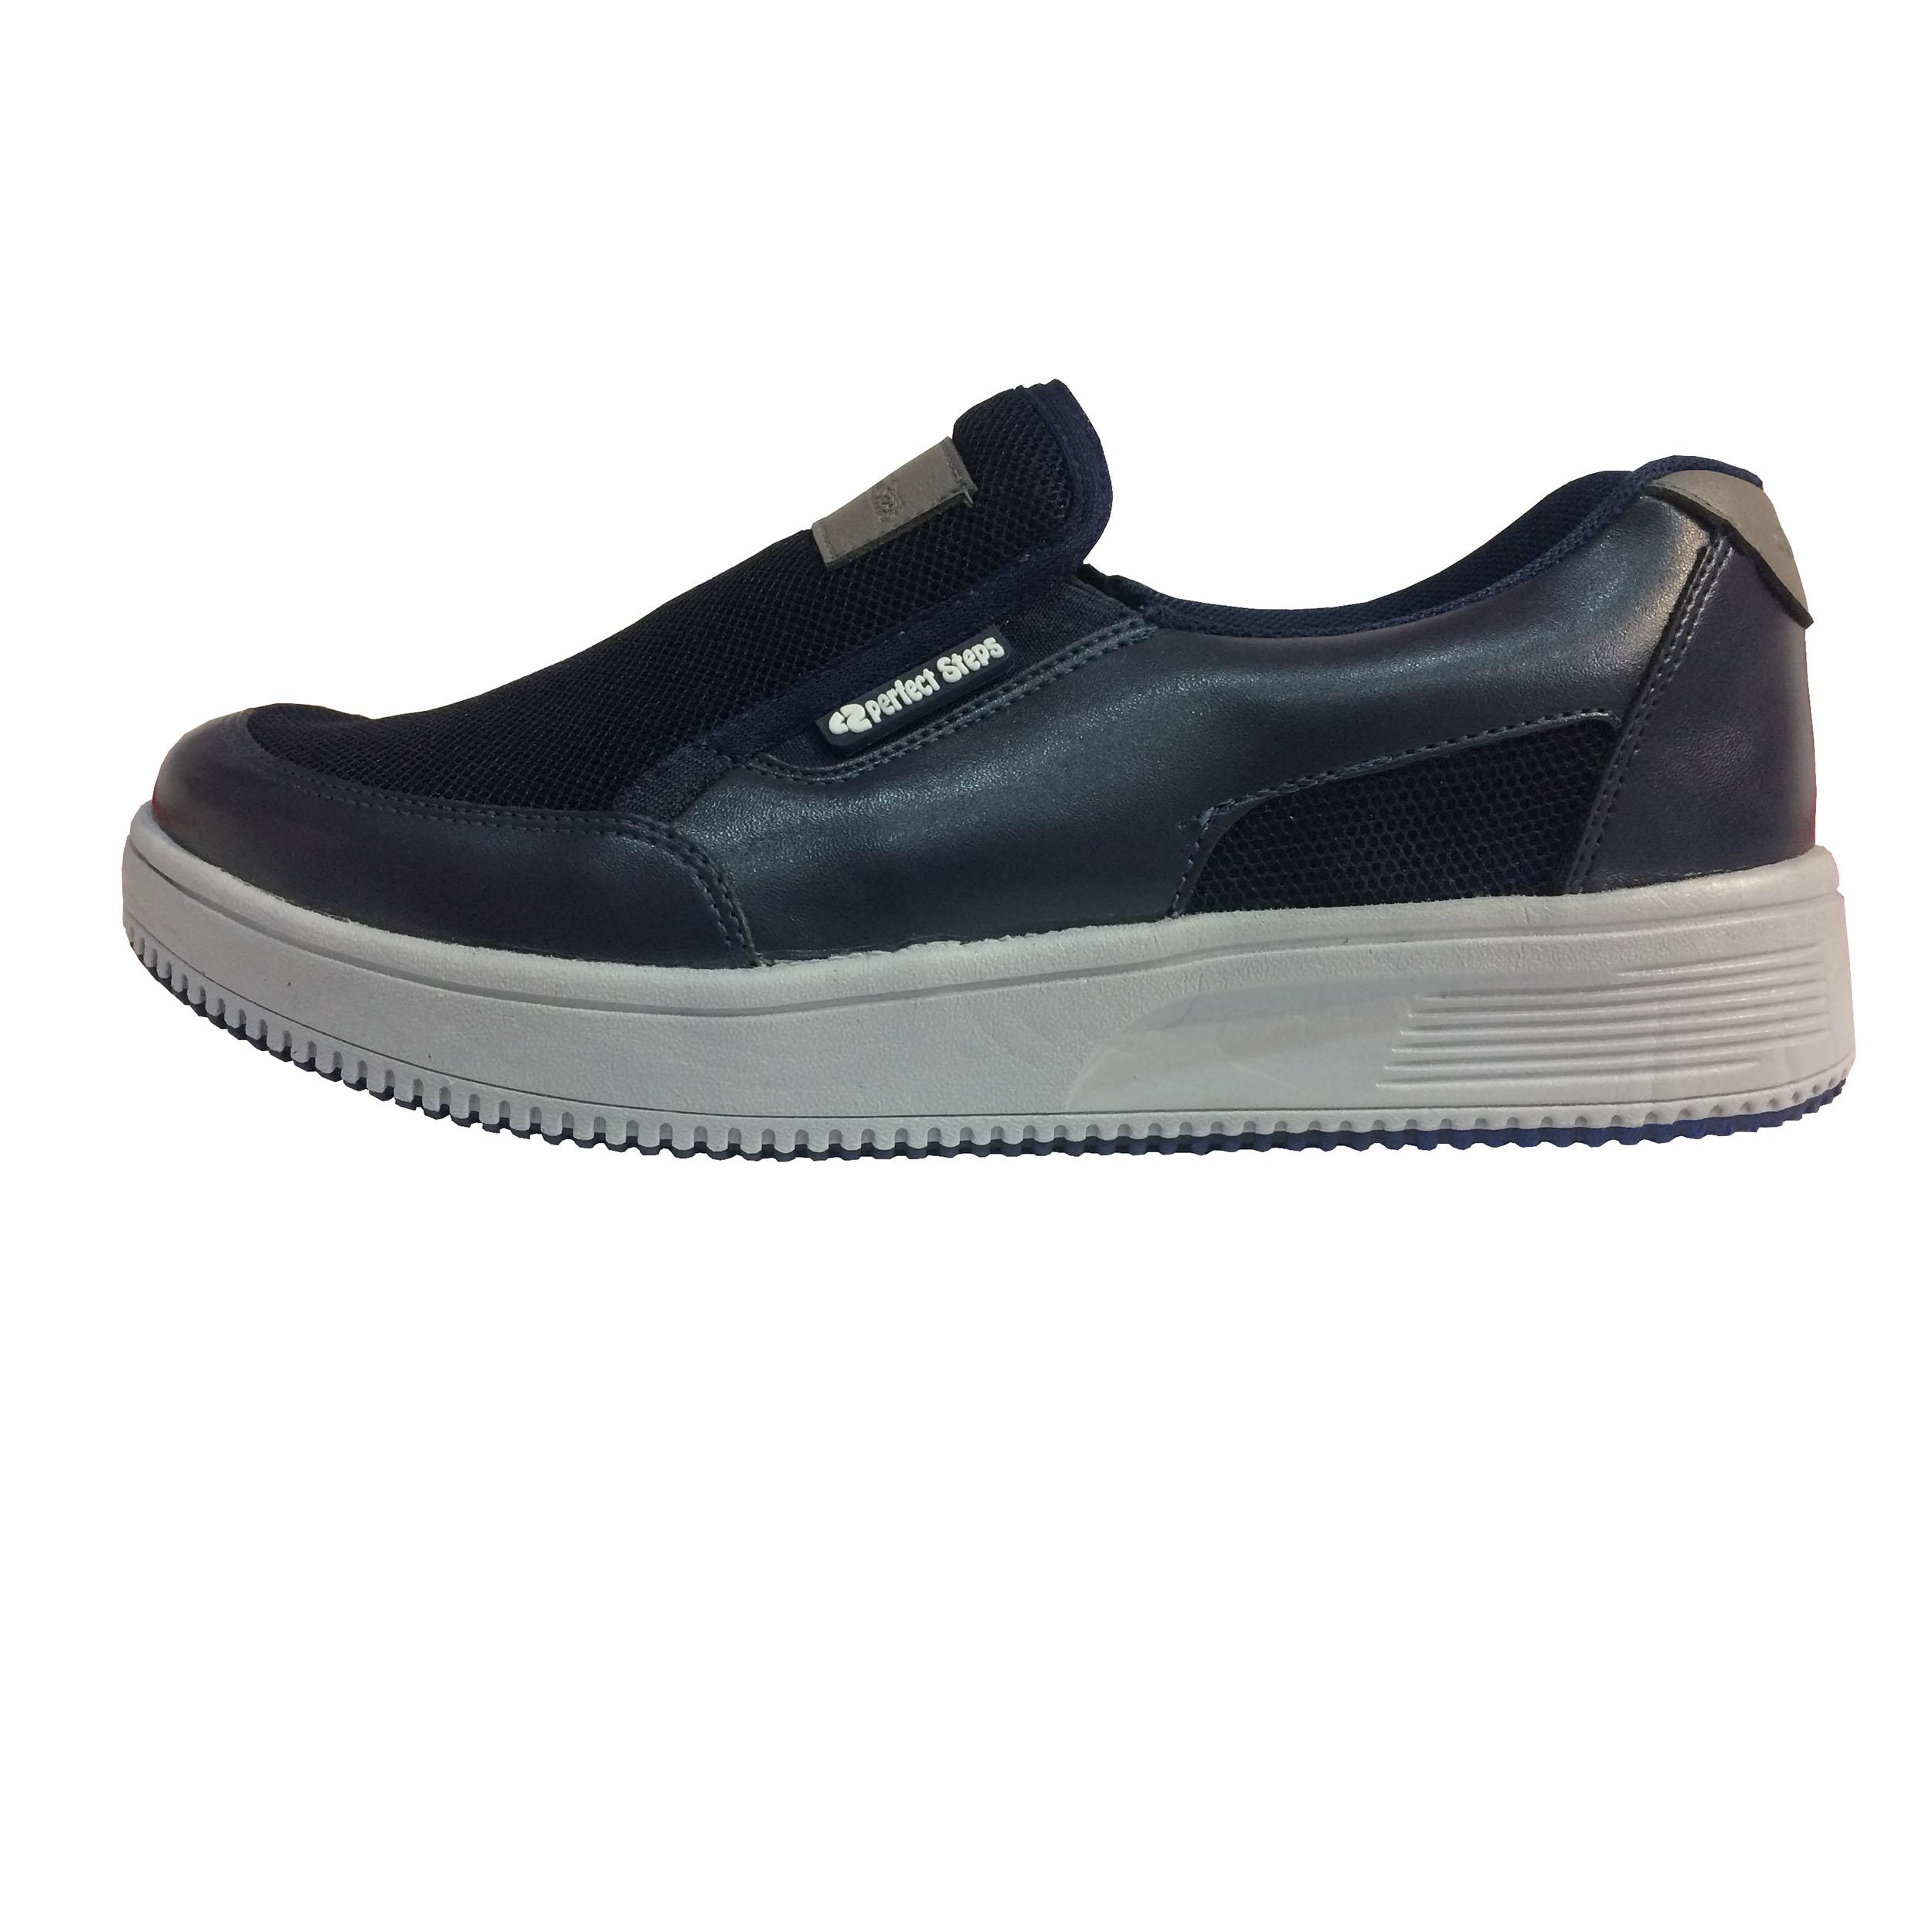 کفش مخصوص پیاده روی زنانه پرفکت استپس مدل لایف رنگ سرمه ای